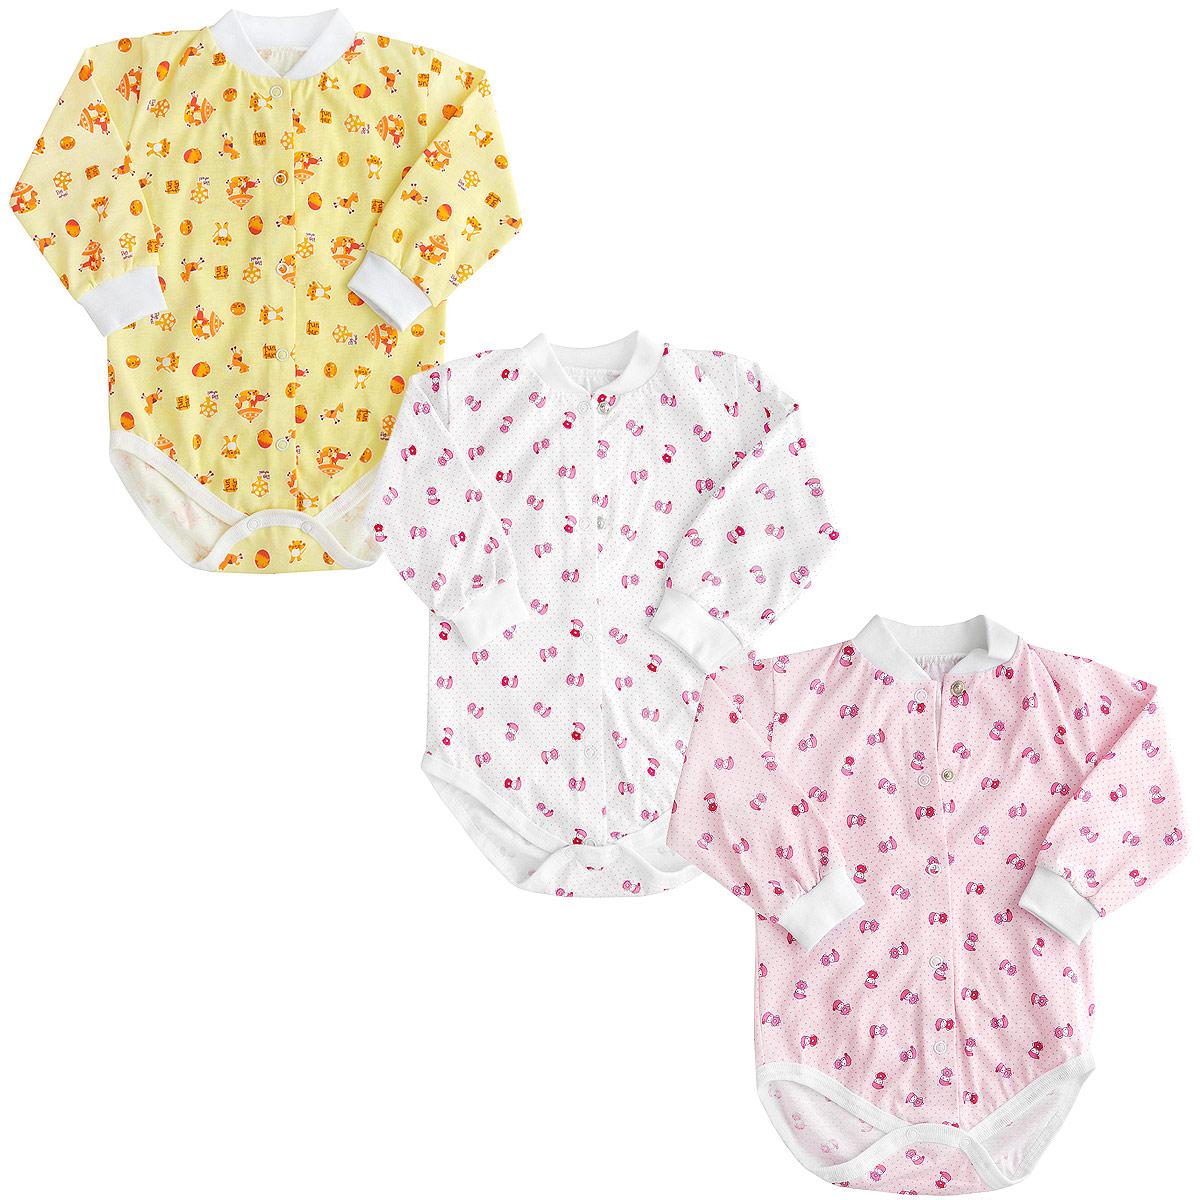 Боди для девочки Фреш стайл, цвет в ассортименте, 3 шт. 10-327д. Размер 5610-327дКомплект Фреш Стайл состоит из трех детских боди для девочки.Боди с длинными рукавами послужат идеальным дополнением к гардеробу малышки, обеспечивая ей наибольший комфорт. Изготовленные из натурального хлопка, они необычайно мягкие и легкие, не раздражают нежную кожу ребенка и хорошо вентилируются, а эластичные швы приятны телу малышки и не препятствуют ее движениям. Удобные застежки-кнопки по всей длине и на ластовице помогают легко переодеть младенца или сменить подгузник. Застежки-кнопки располагаются по центру модели.Края модели окантованы. Горловина дополнена эластичной резинкой. Украшены боди яркими рисунками.Боди полностью соответствуют особенностям жизни малышки в ранний период, не стесняя и не ограничивая ее в движениях!УВАЖАЕМЫЕ КЛИЕНТЫ!Обращаем ваше внимание на тот факт, что товар поставляется в цветовом ассортименте. Поставка осуществляется в зависимости от наличия на складе.